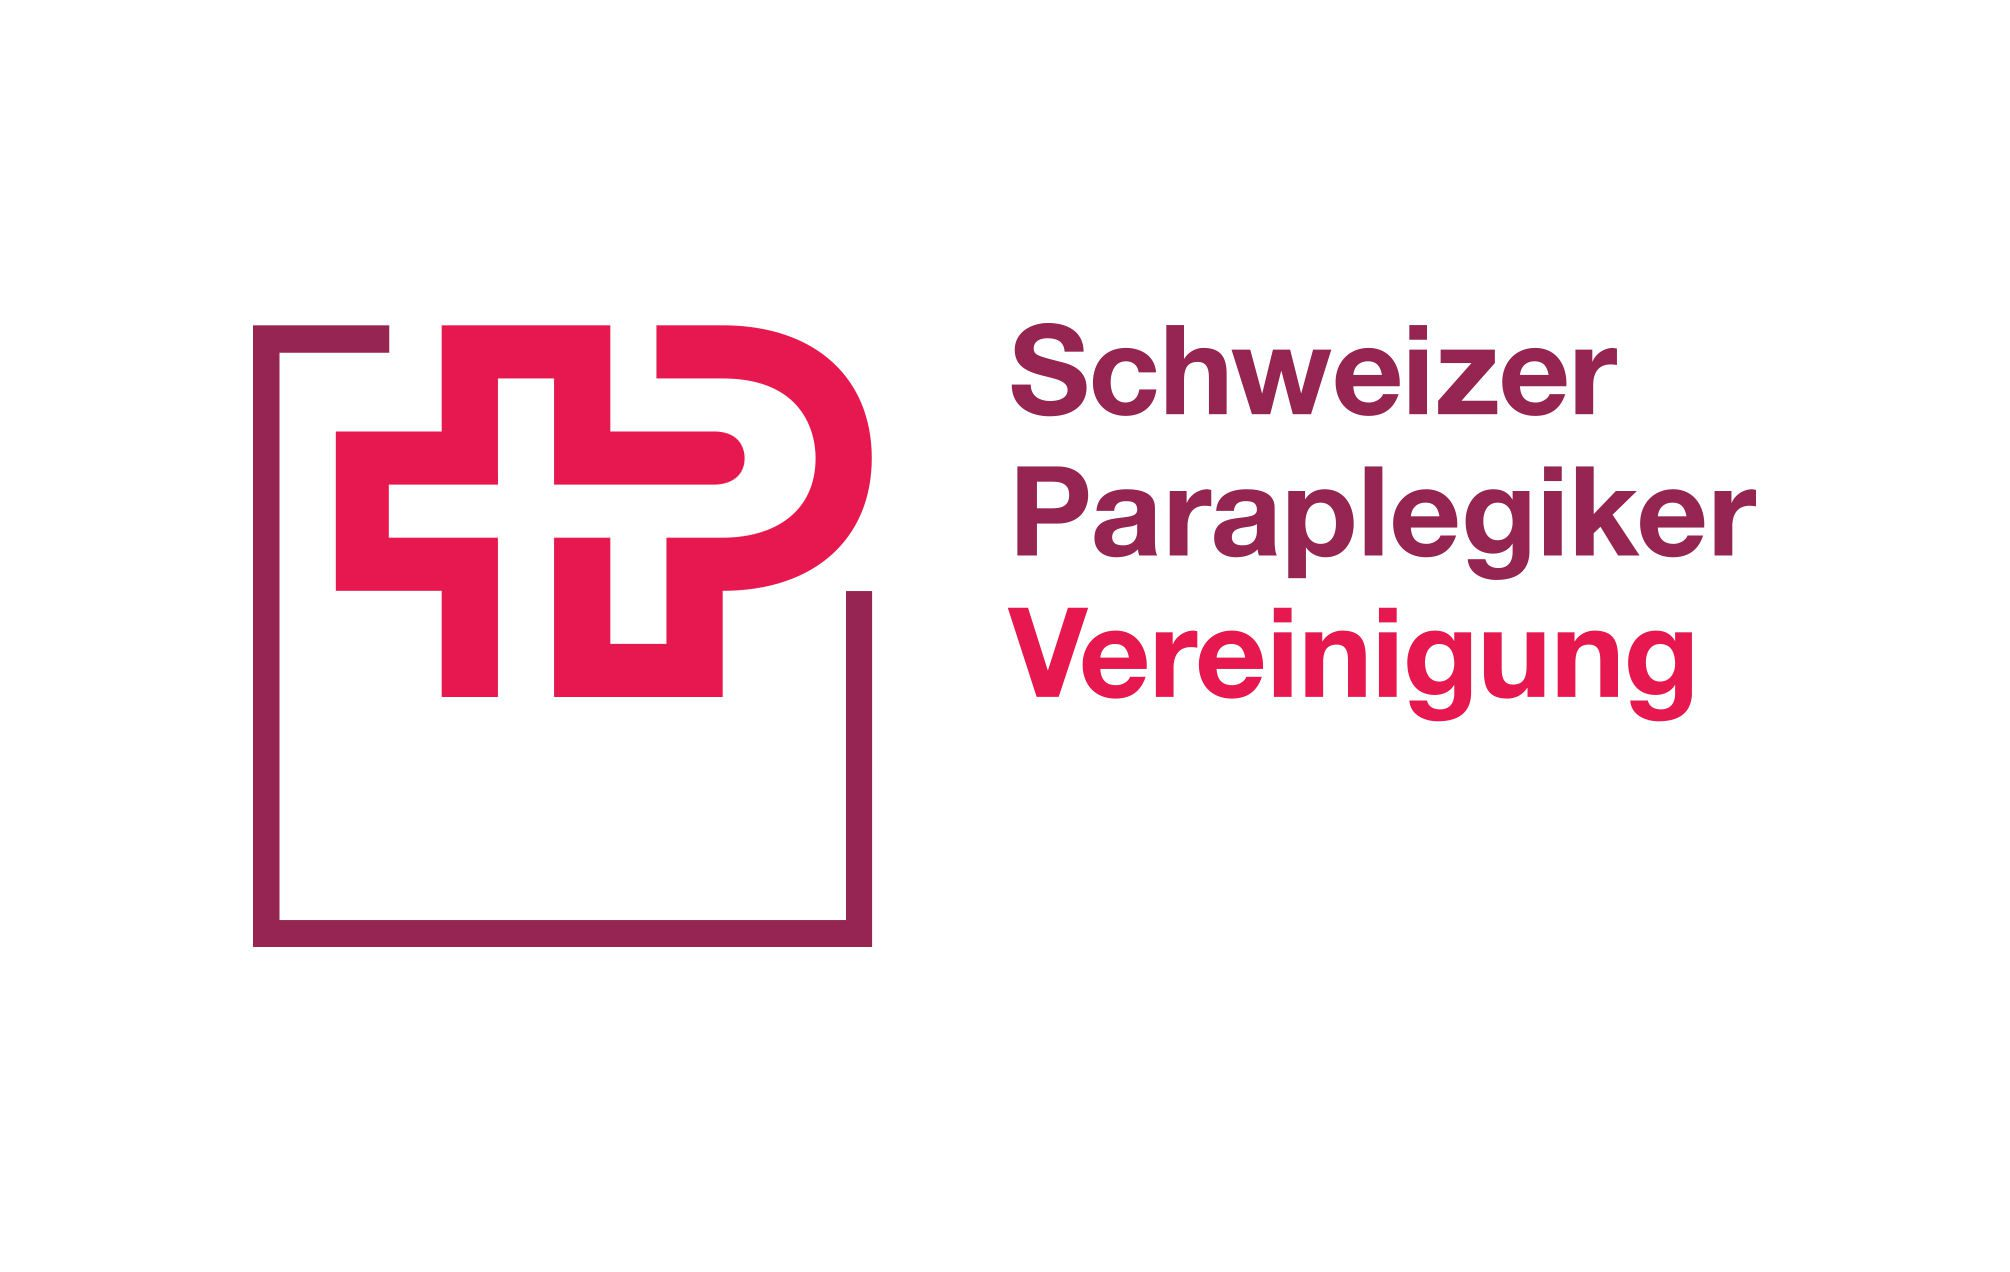 Schweizer Paraplegiker Vereinigung